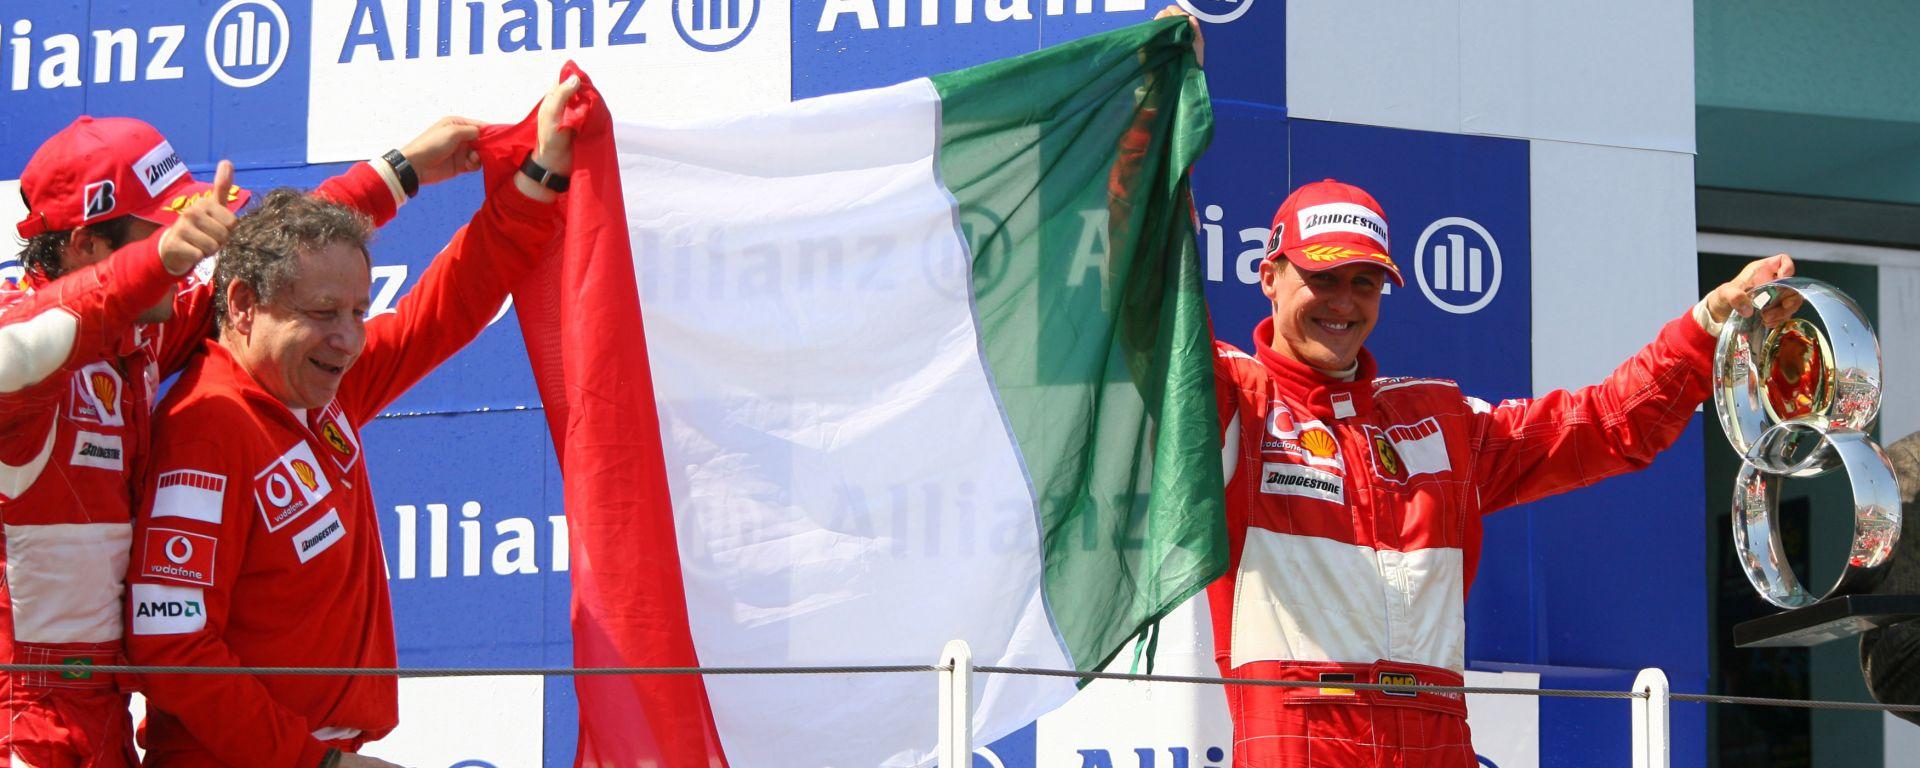 F1 Gp Francia 2006: Michael Schumacher (Ferrari) sul podio con Jean Todt e Felipe Massa